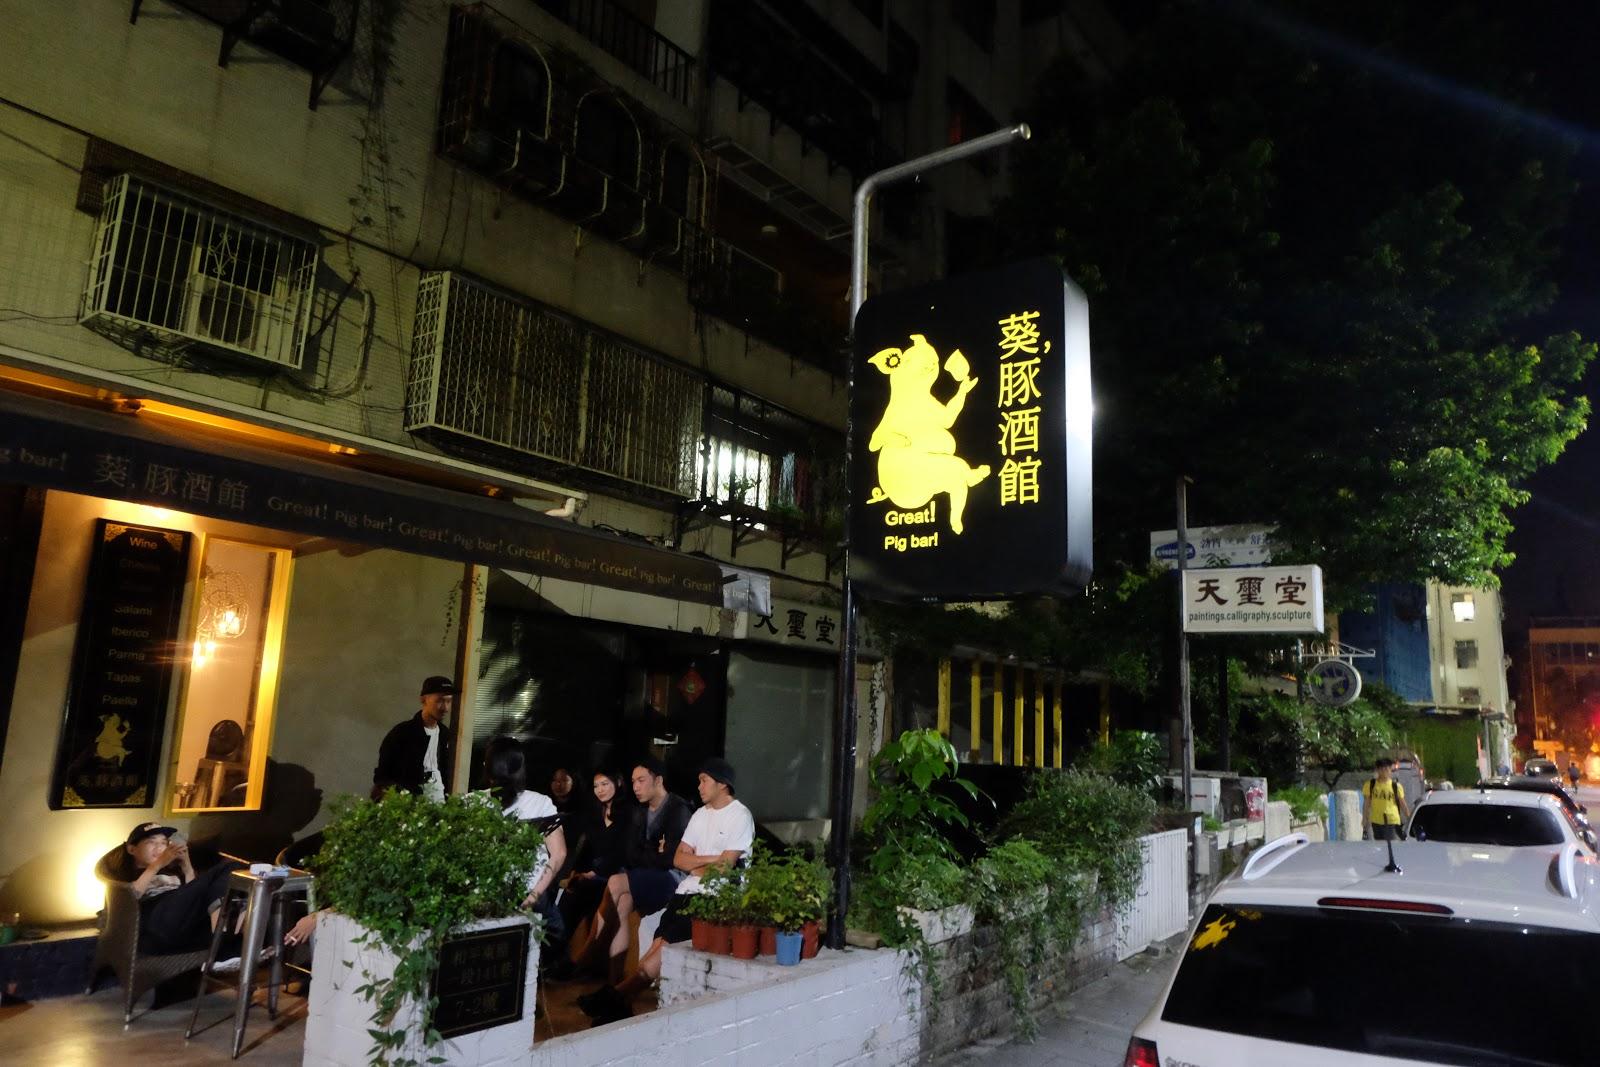 猛烈南瓜在飯桌: 臺北:周五晚上的一口火腿@葵.豚酒館